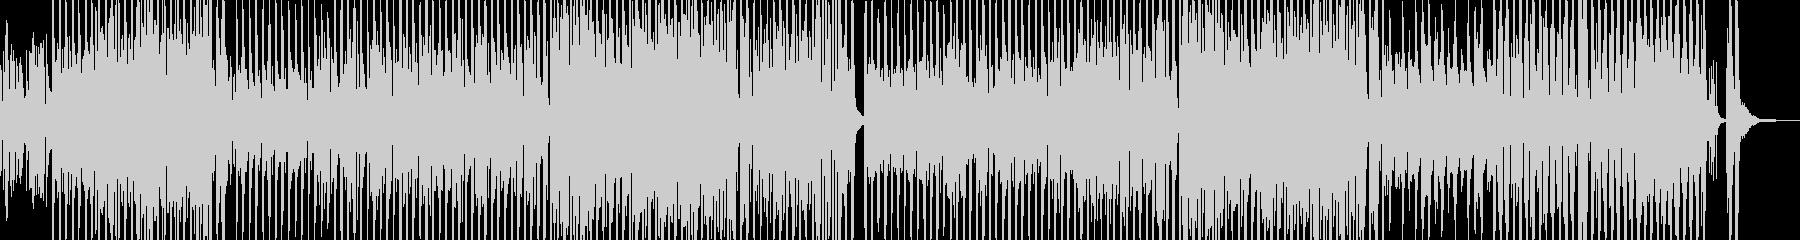 トランペット・まったりテクノ&マーチの未再生の波形